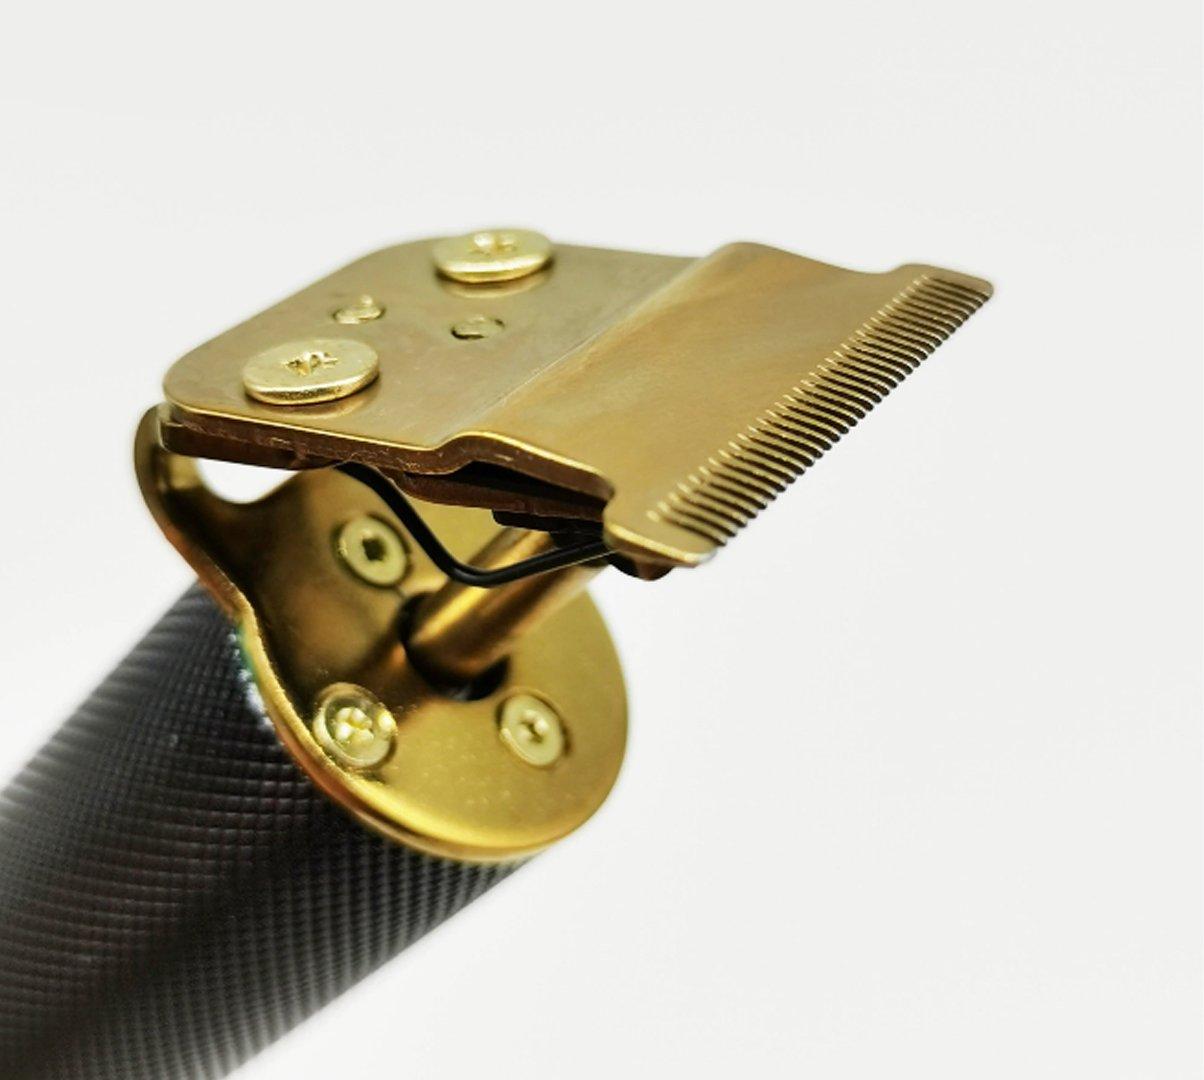 ماكينة حلاقة VGR 179 تحديد